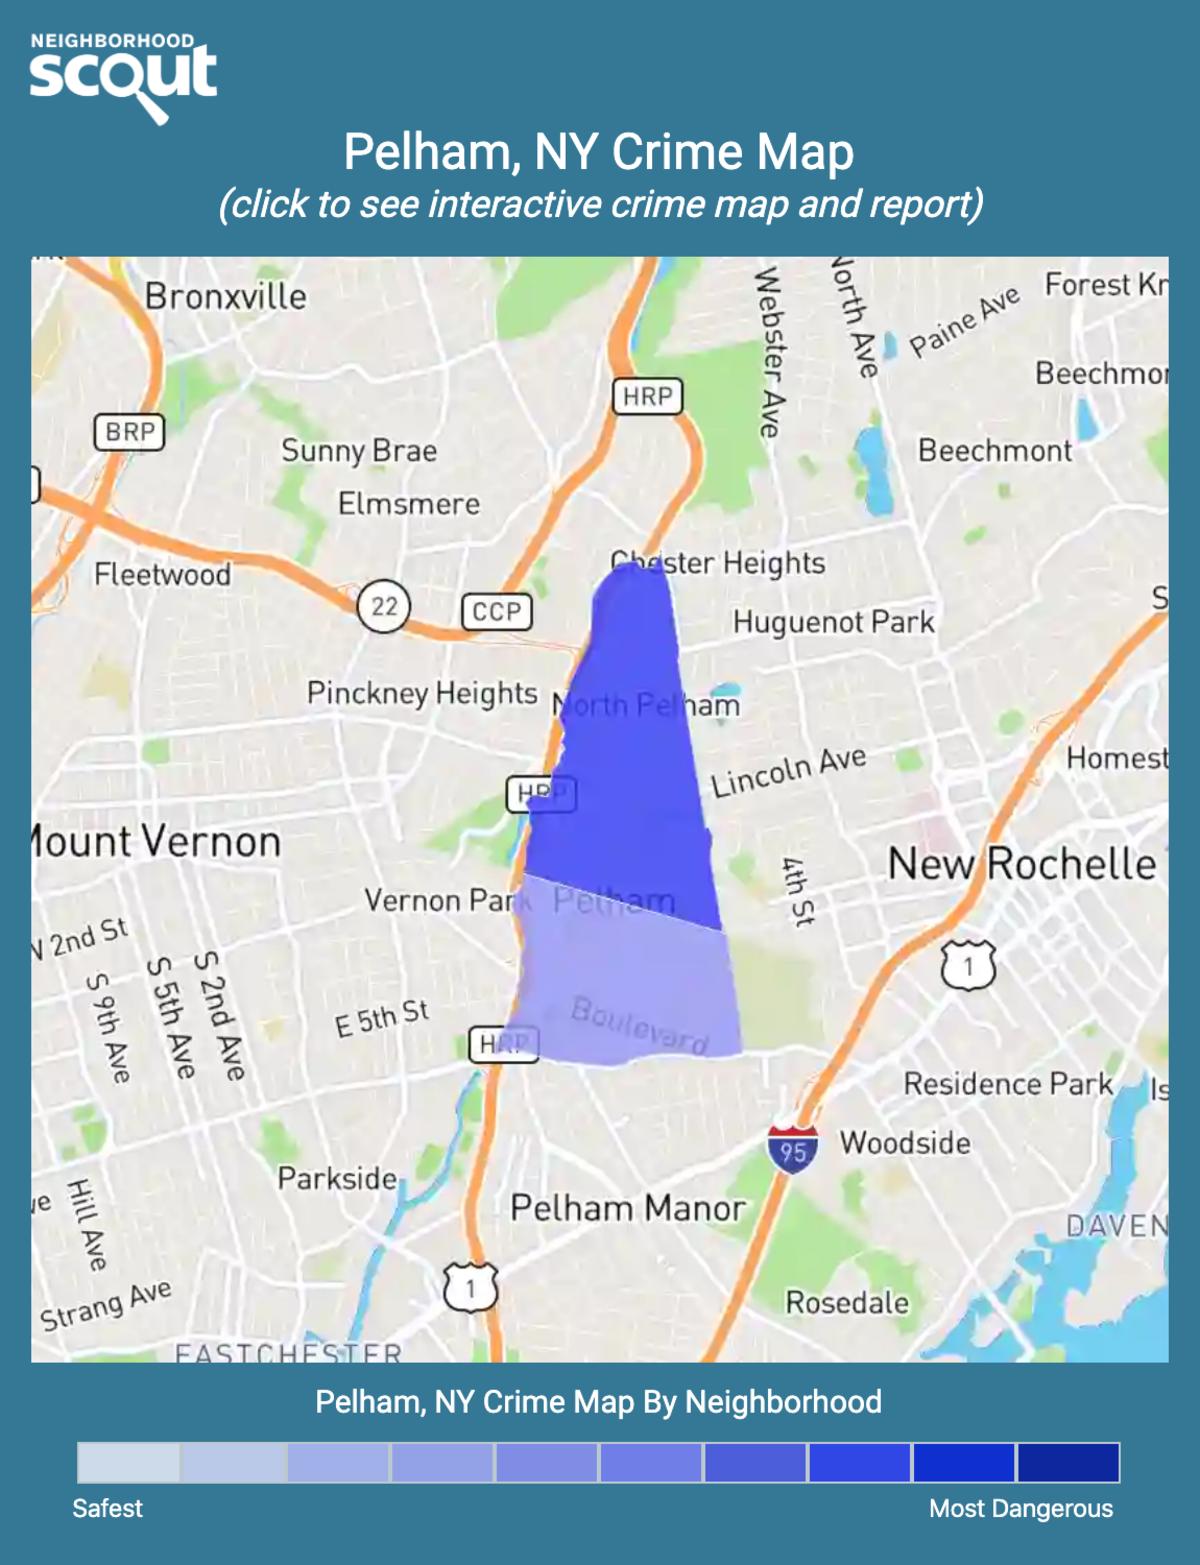 Pelham, New York crime map